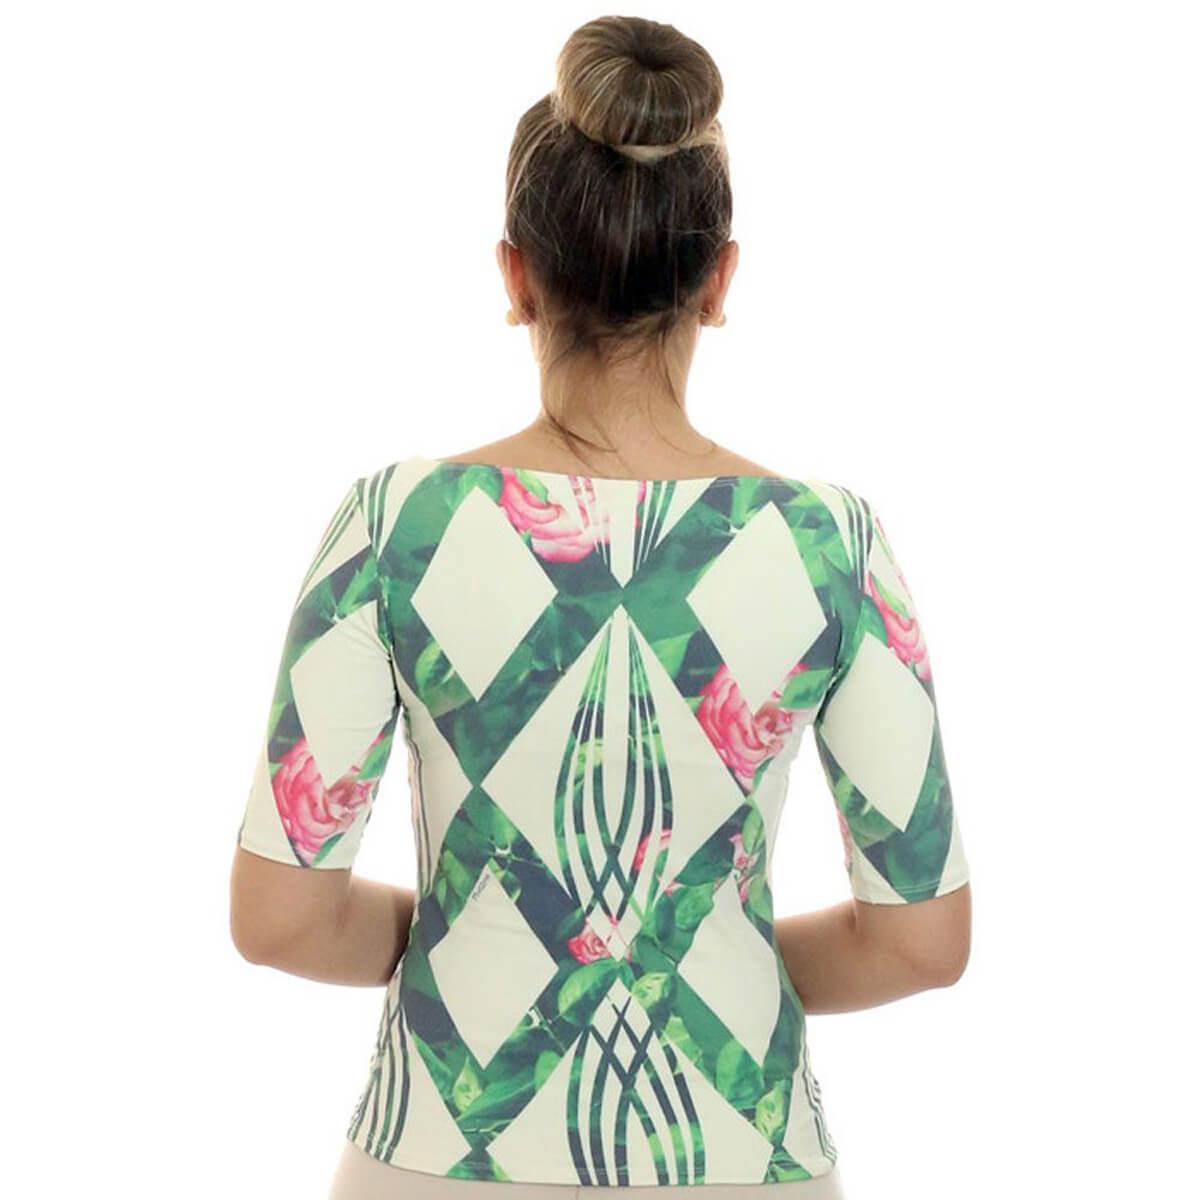 Blusa Feminina com Proteção Solar UV Meia Manga Estampa Geométrica Exclusiva Verde com Flores Decote Canoa